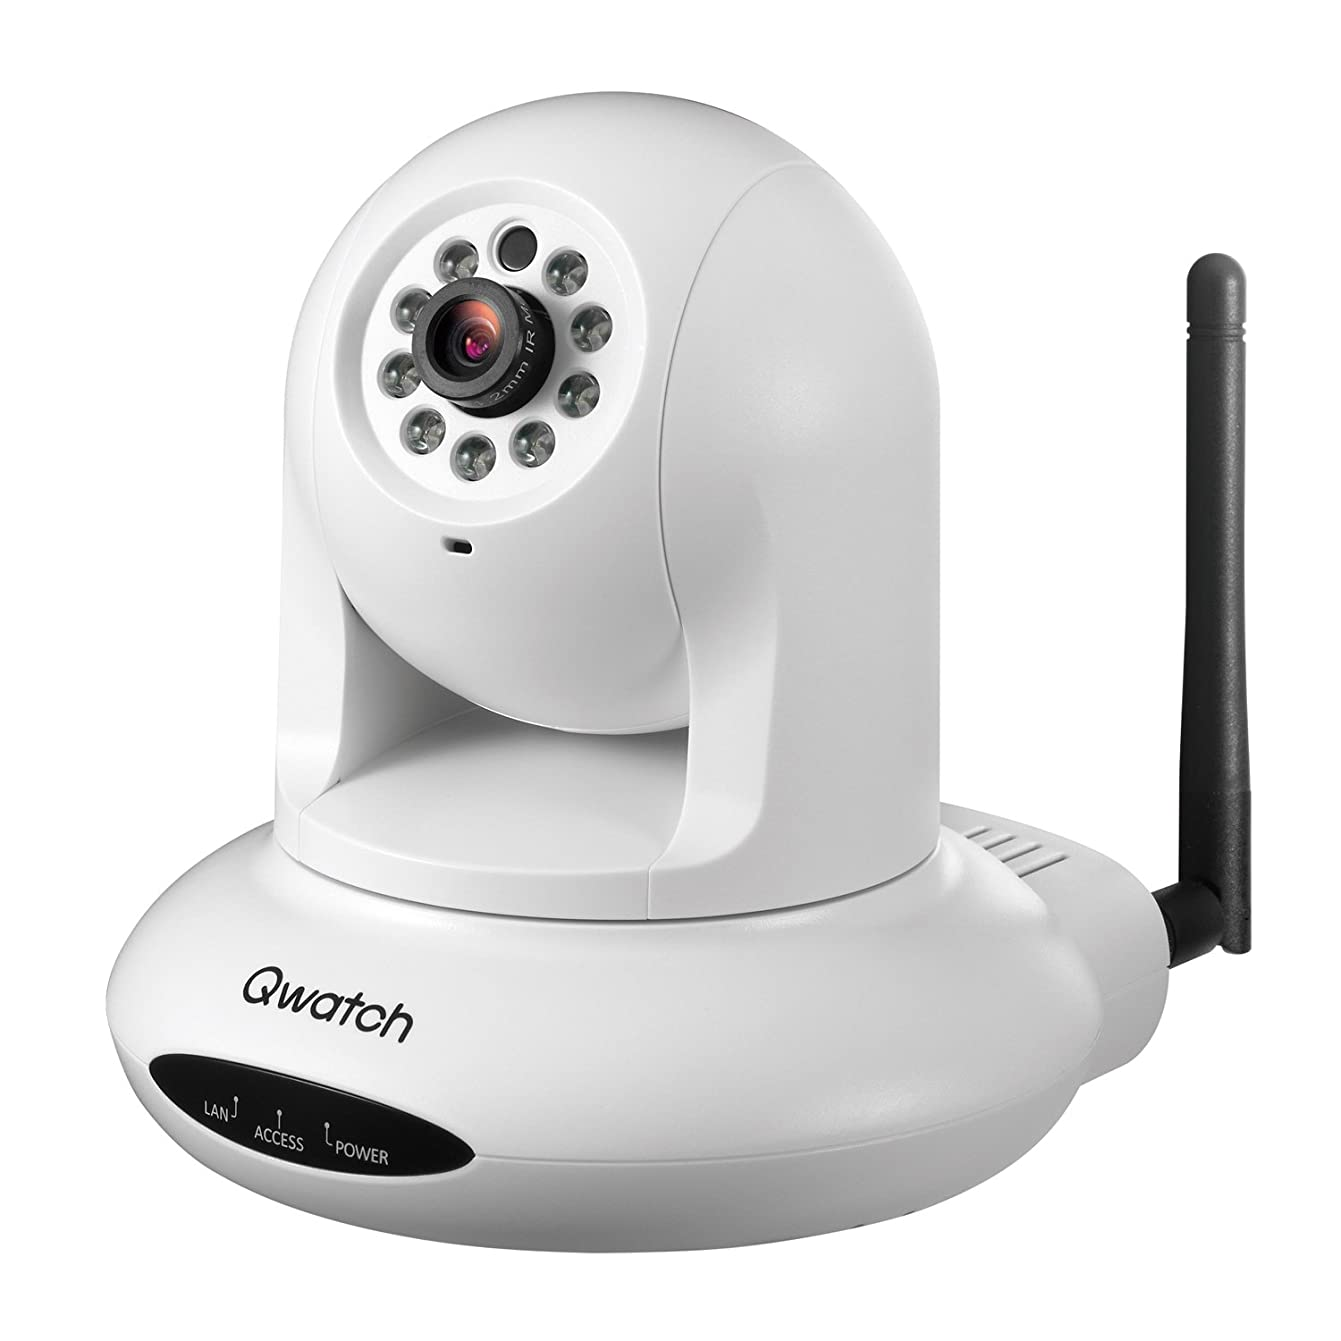 シングル親指濃度I-O DATA ネットワークカメラ スマホ ペット 子供 見守り 録画/土日も電話サポート/返金保証 TS-WPTCAM2